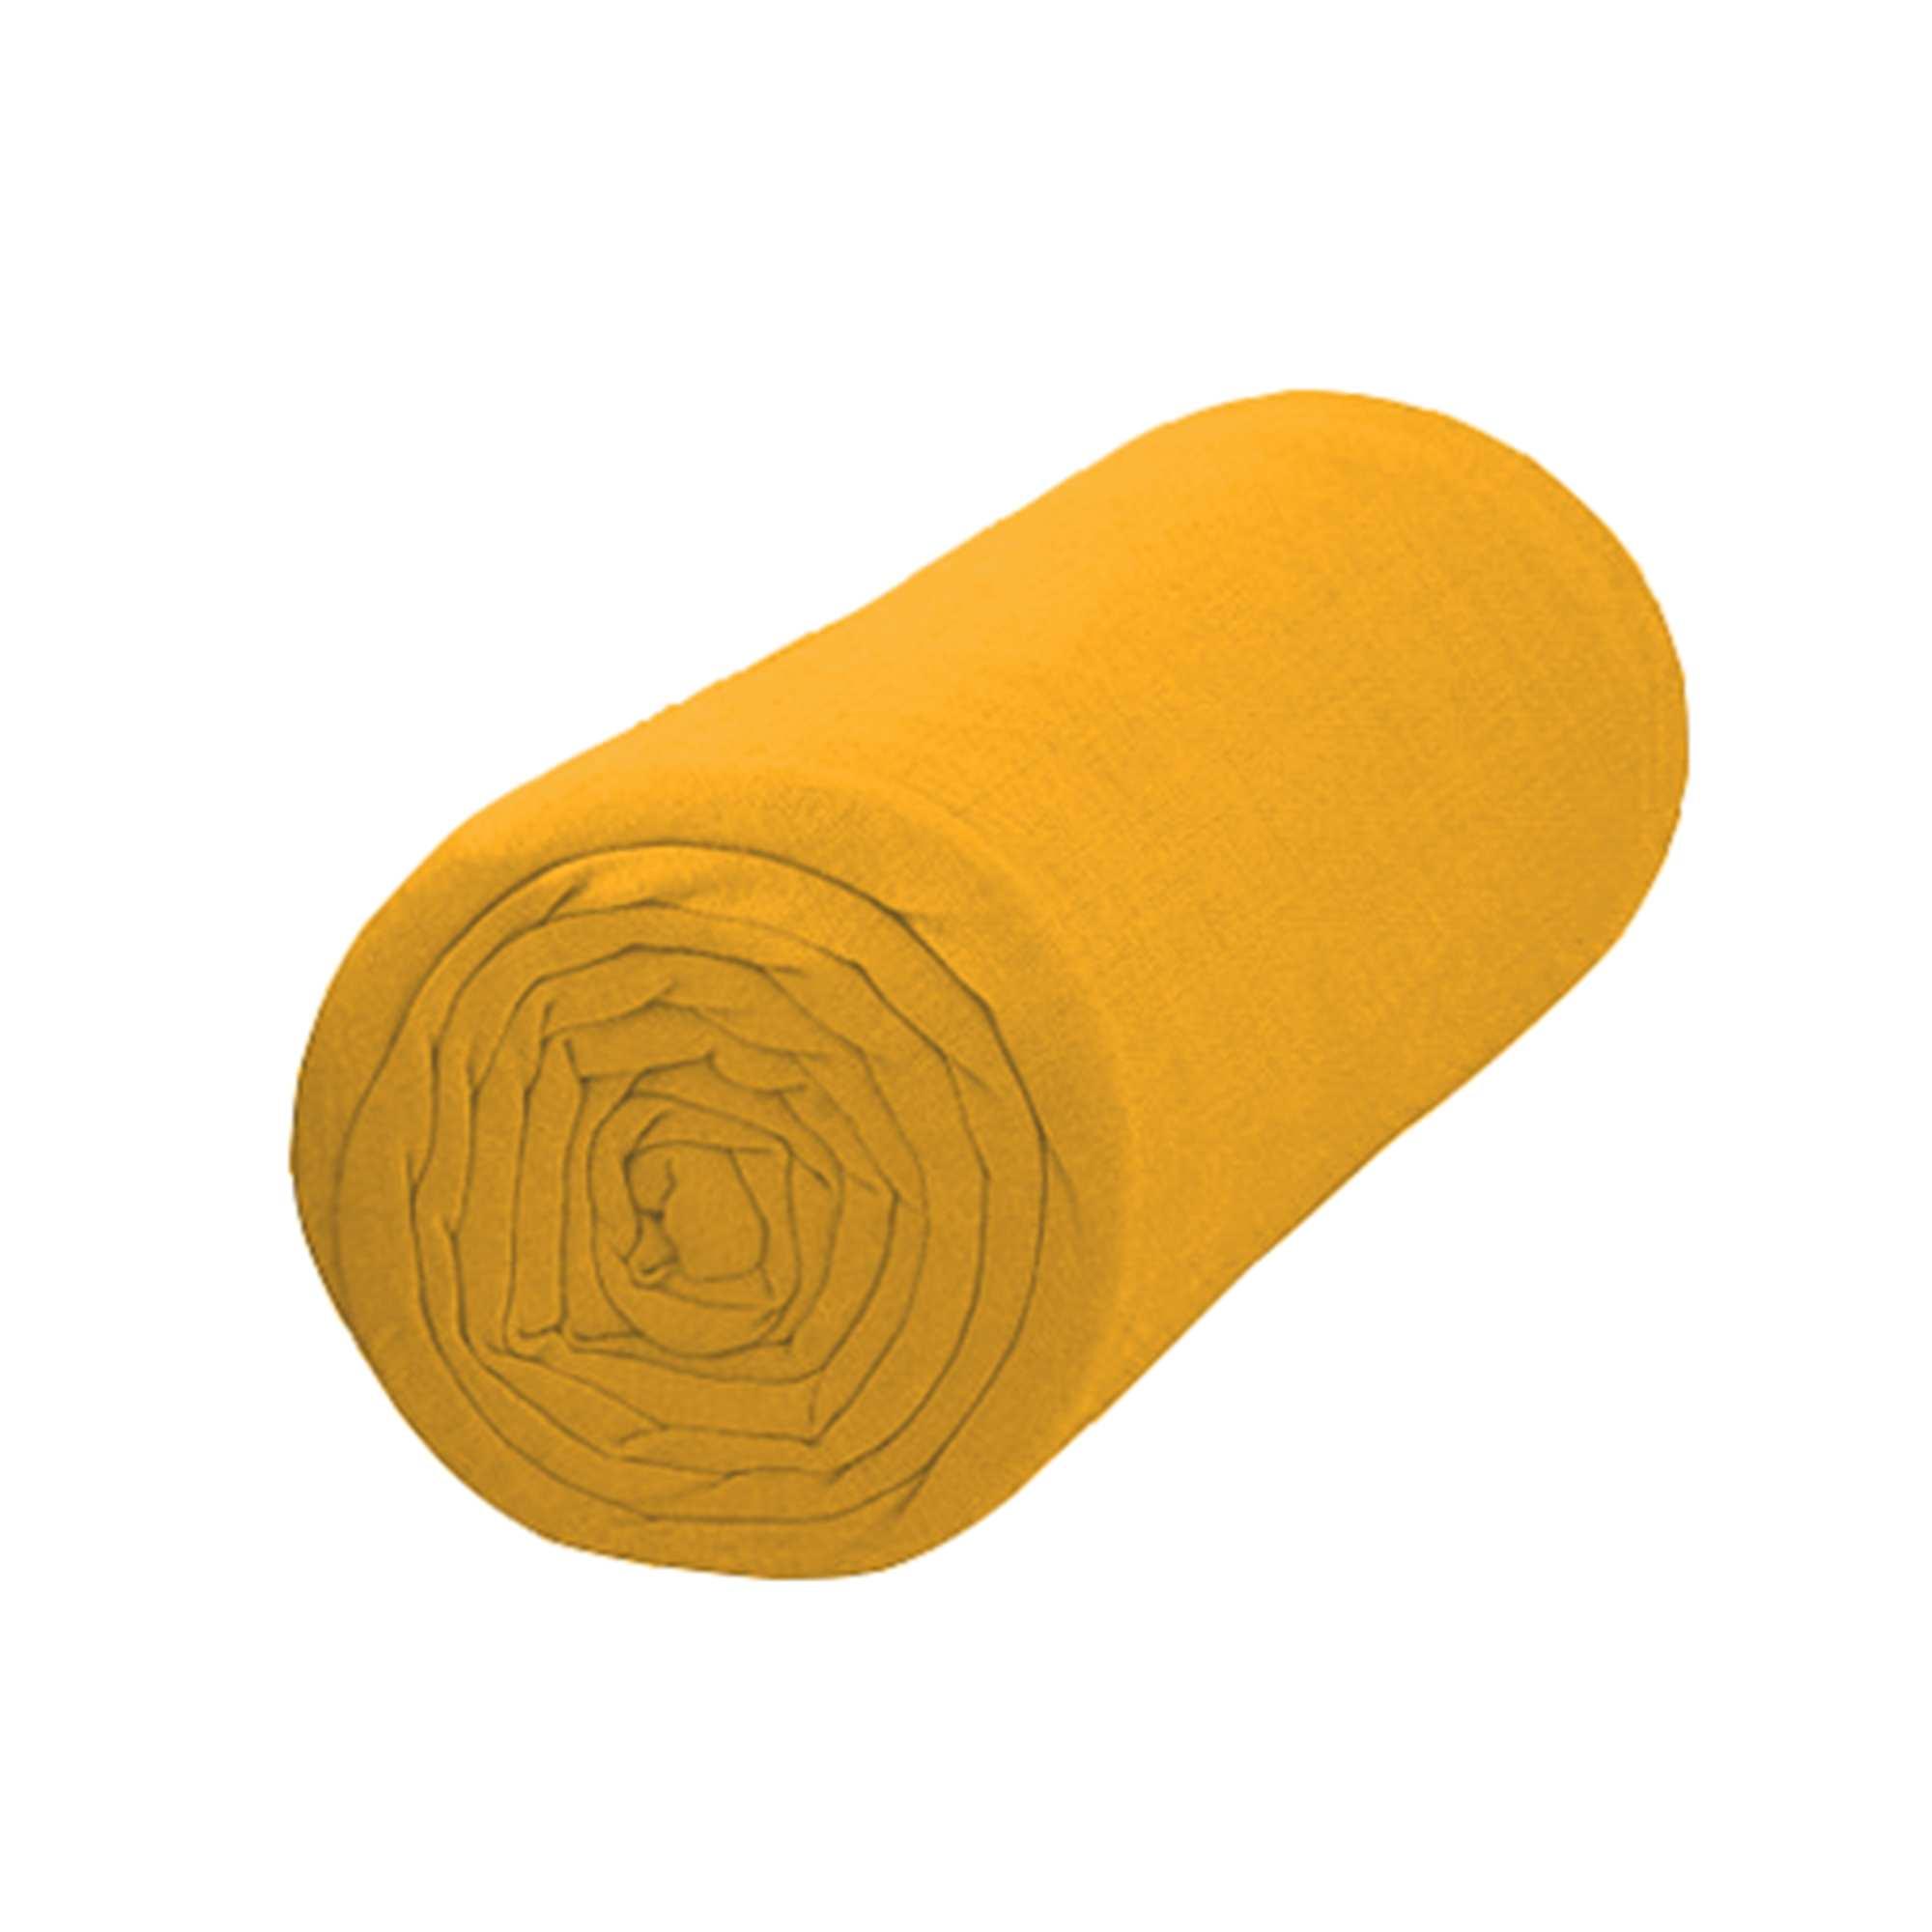 drap housse 90 200 Drap housse uni 90 x 200 Linge de lit   jaune moutarde   Kiabi  drap housse 90 200